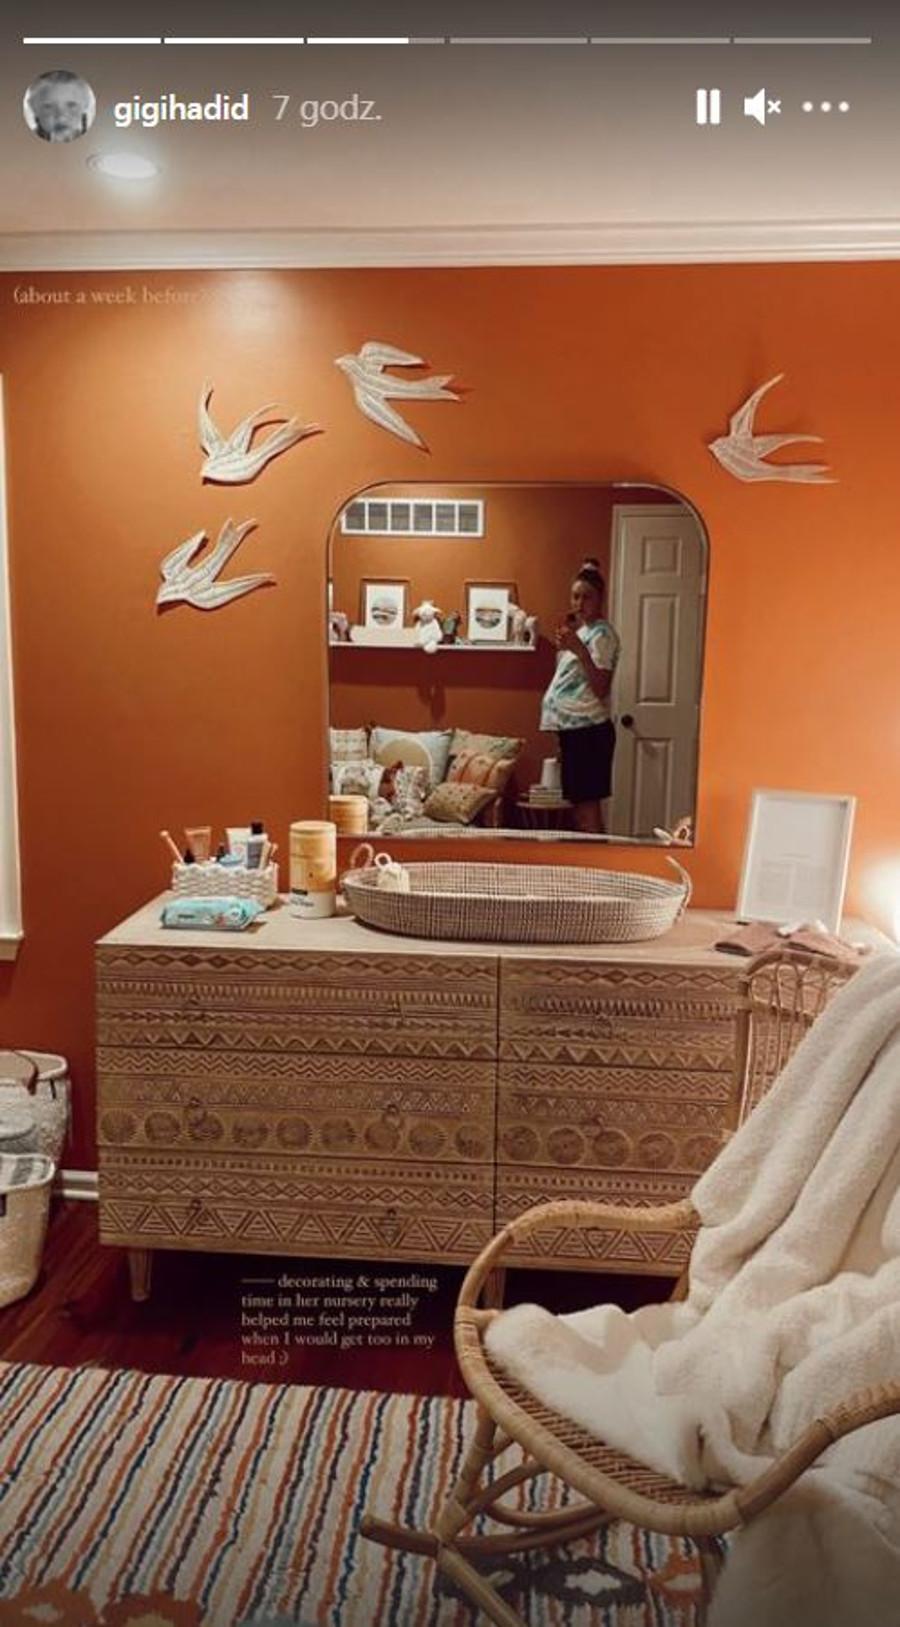 Pokój córki Gigi Hadid.